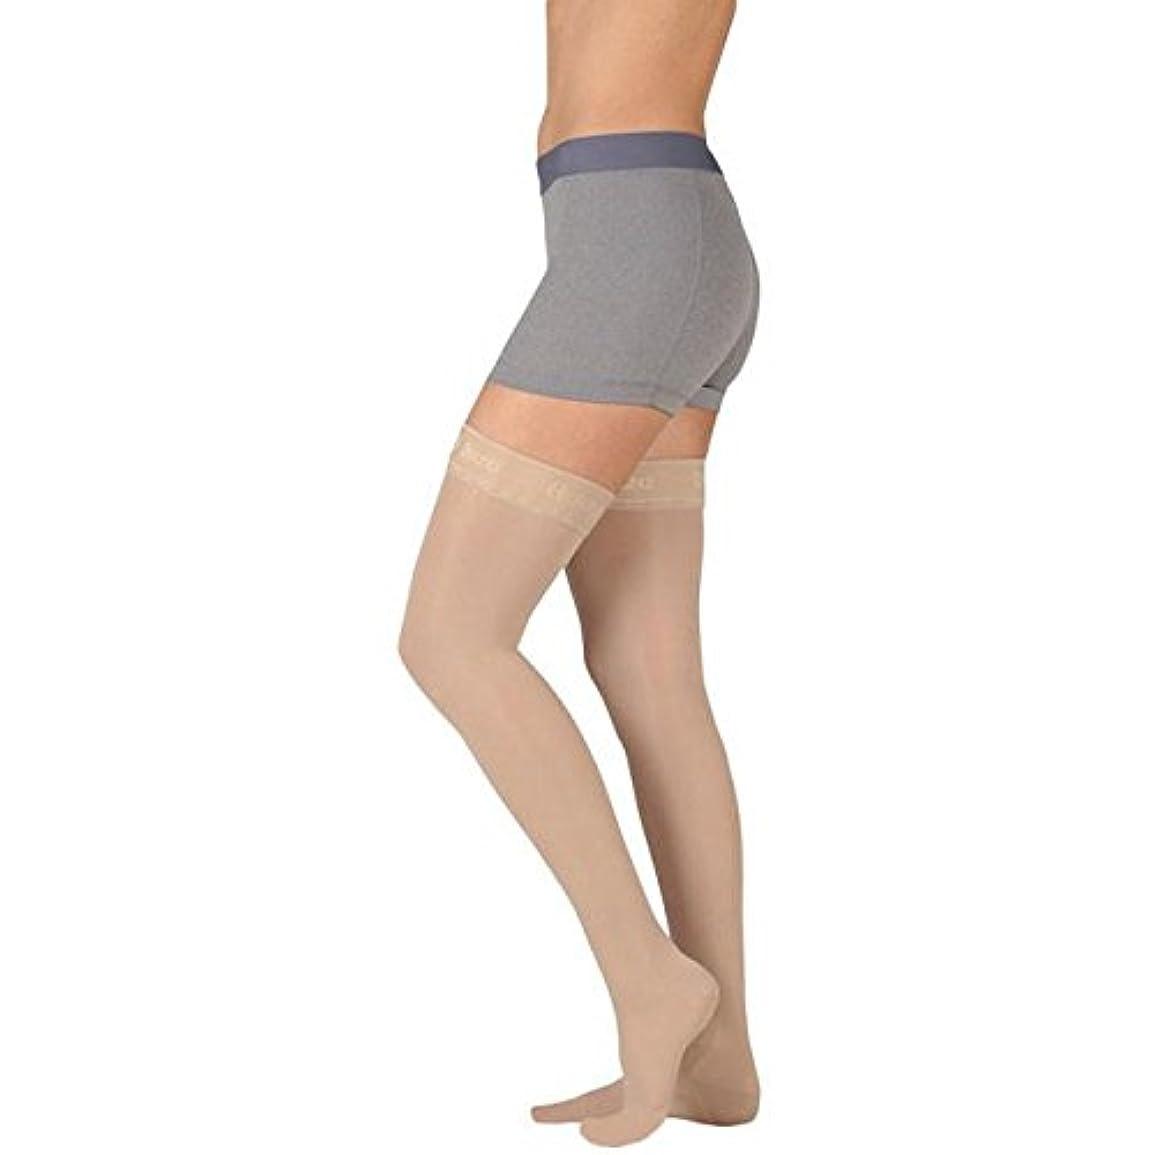 概要リングバックごちそうJuzo Basic Thigh High w/Silicone Dot Band 20-30mmHg Closed Toe, IV, beige by Juzo